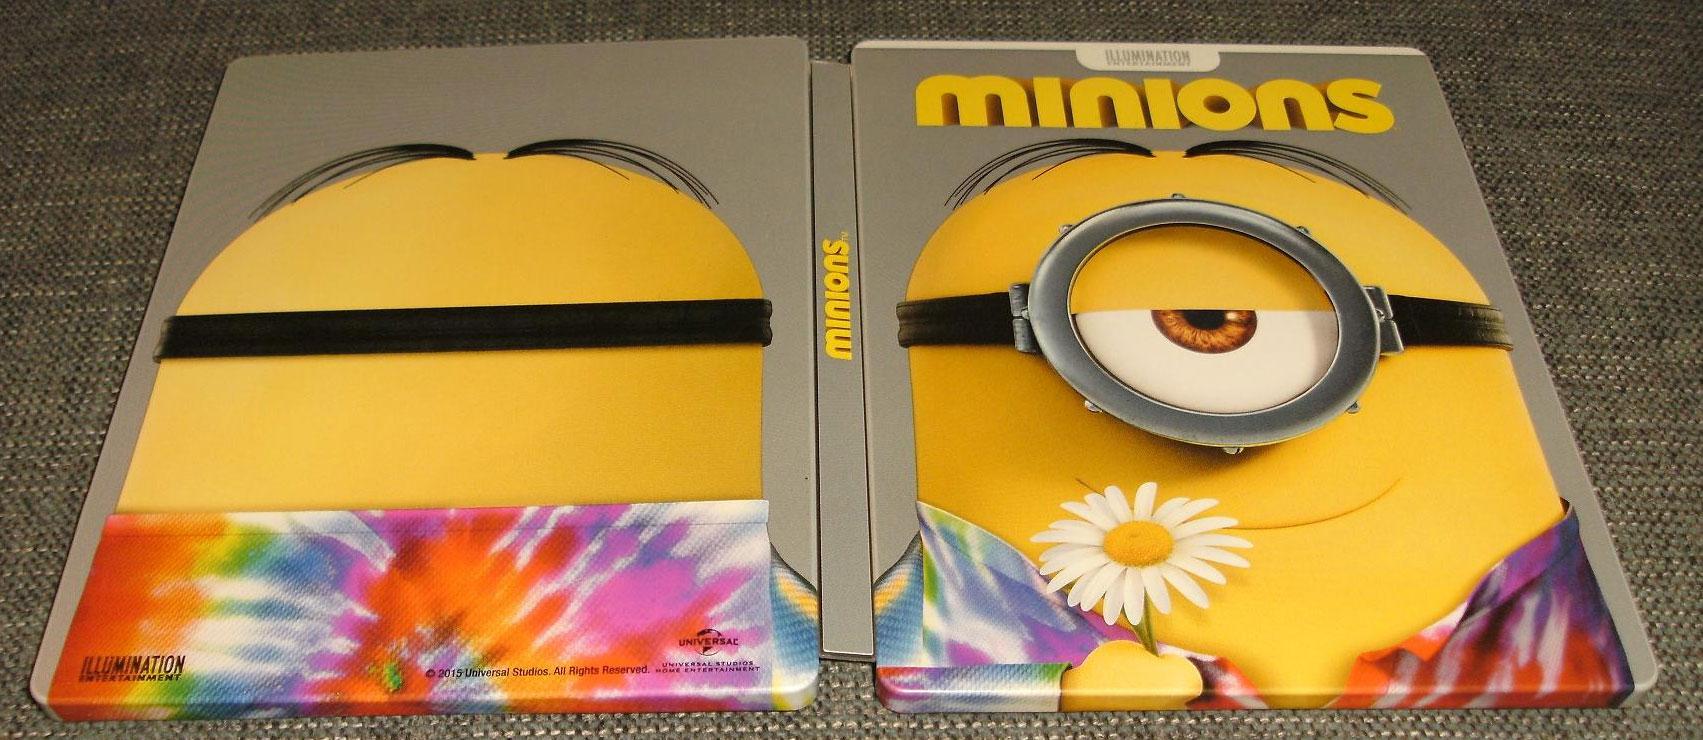 Minions_steelbook-saturn